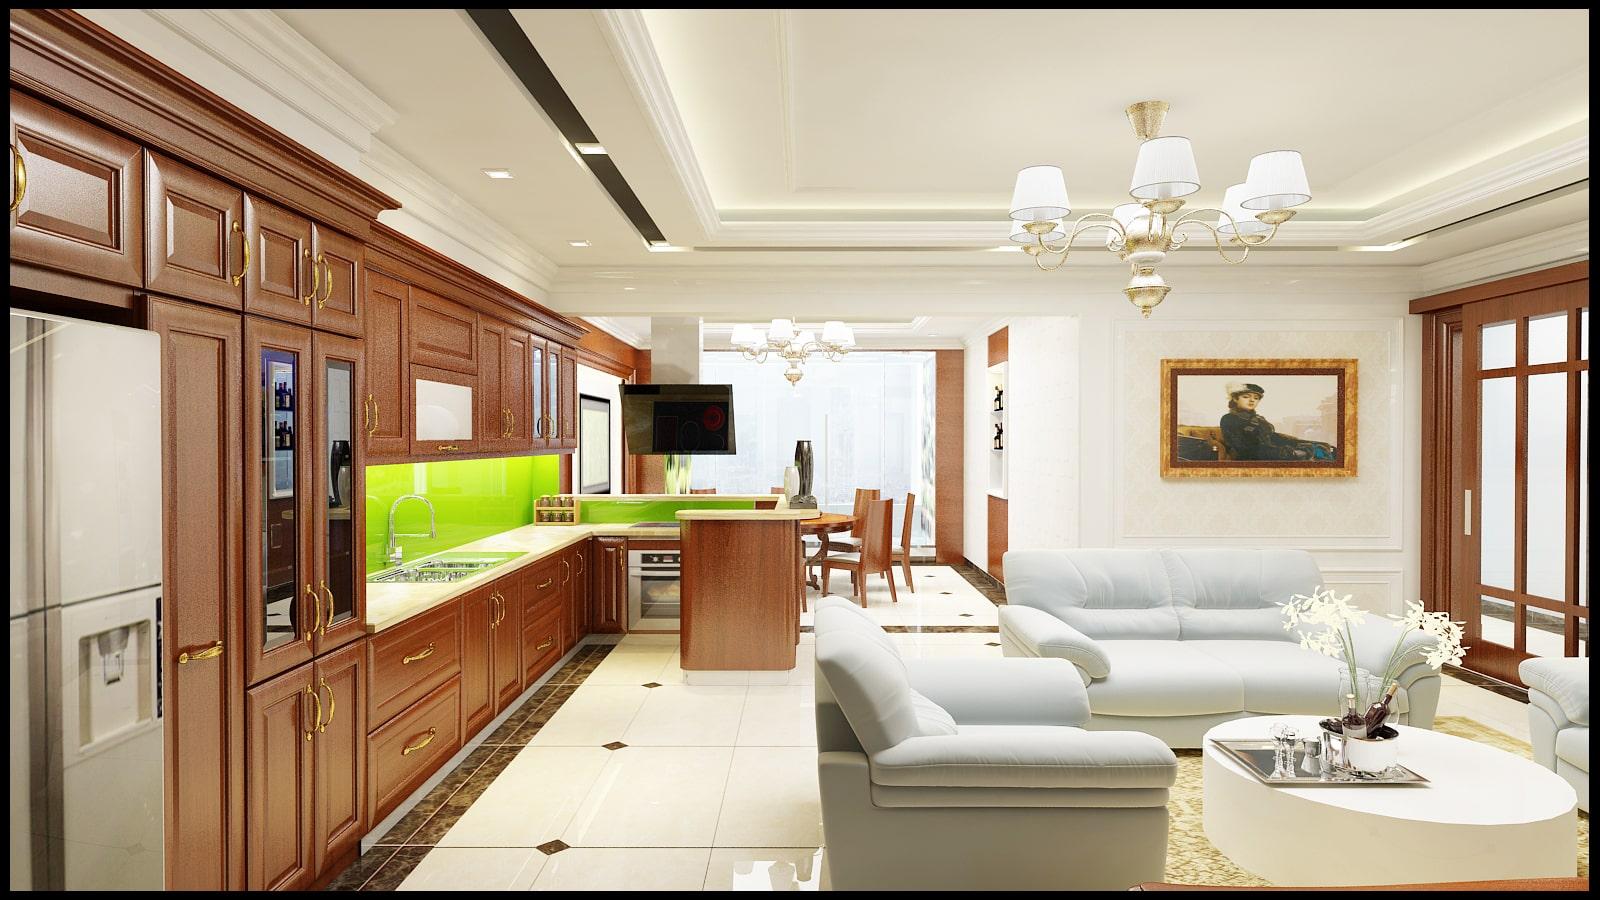 Khám phá nội thất phòng bếp sang trọng, hiện đại căn hộ chung cư - gia đình anh Quốc